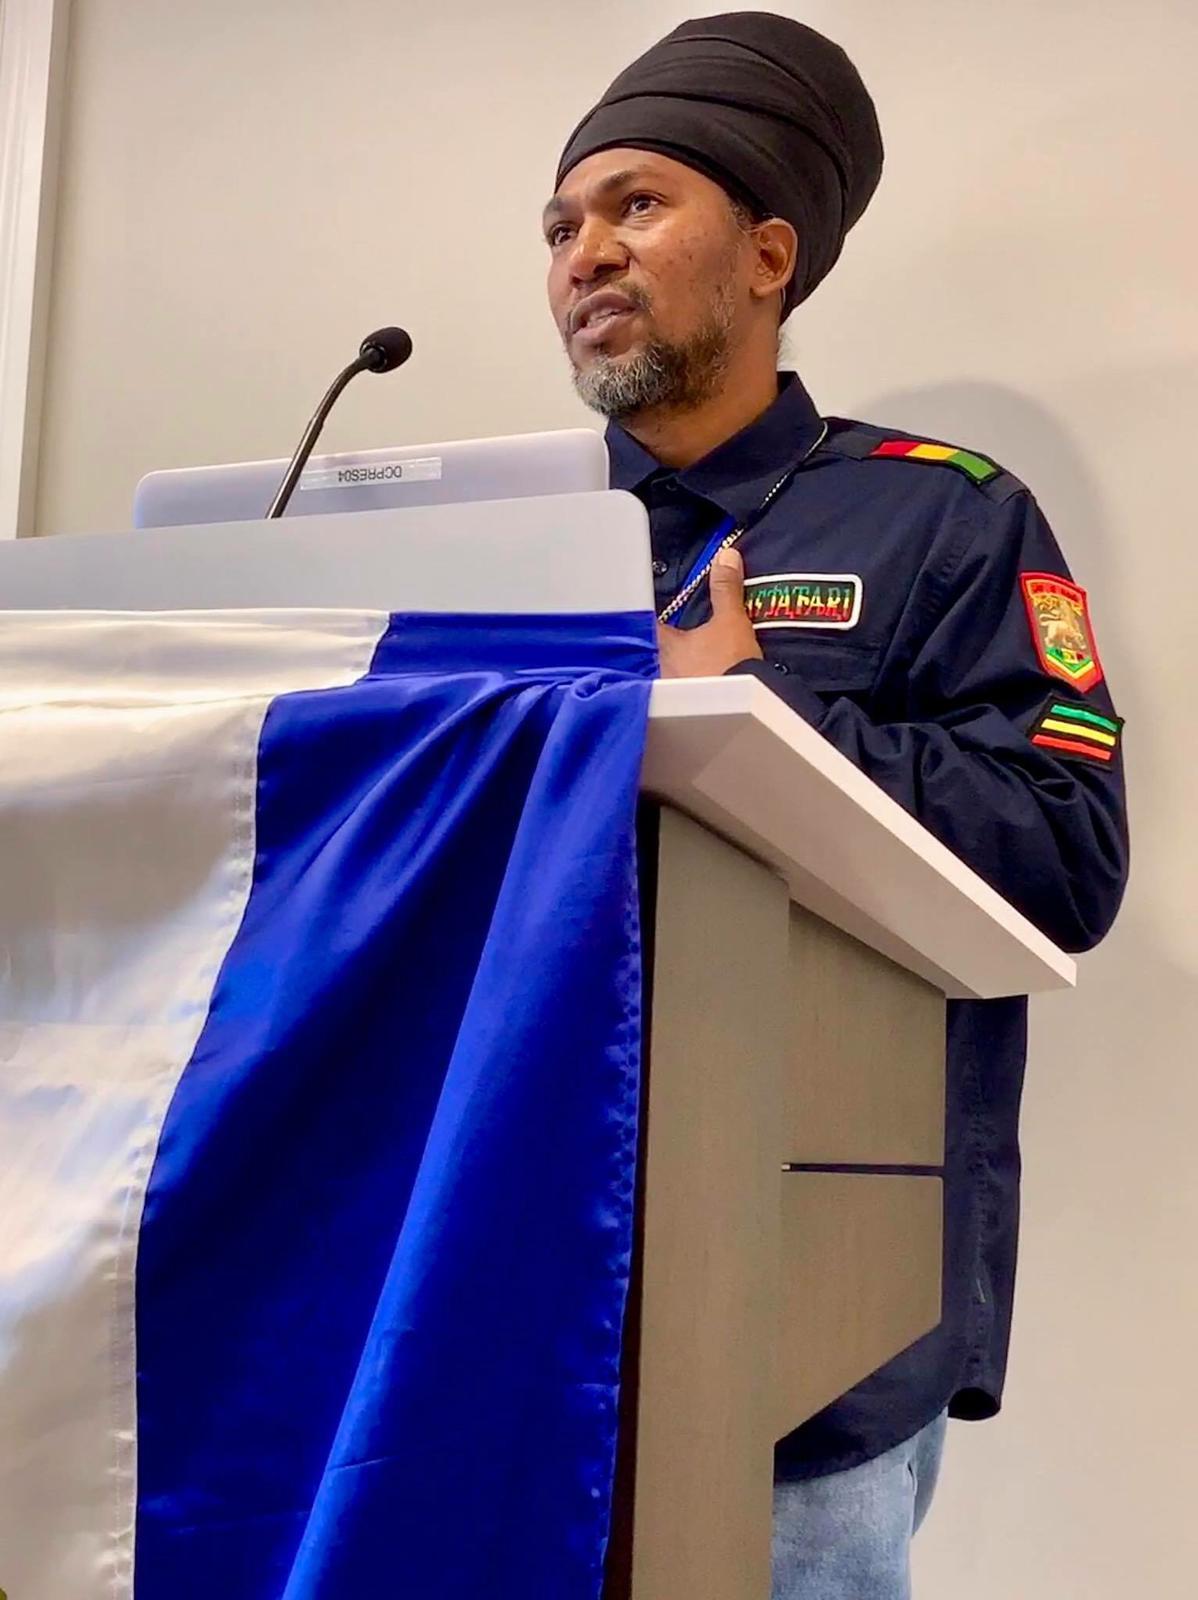 Ariel Hamilton, Representante del Gobierno Comunal de Bluefields. Foto: Cortesía